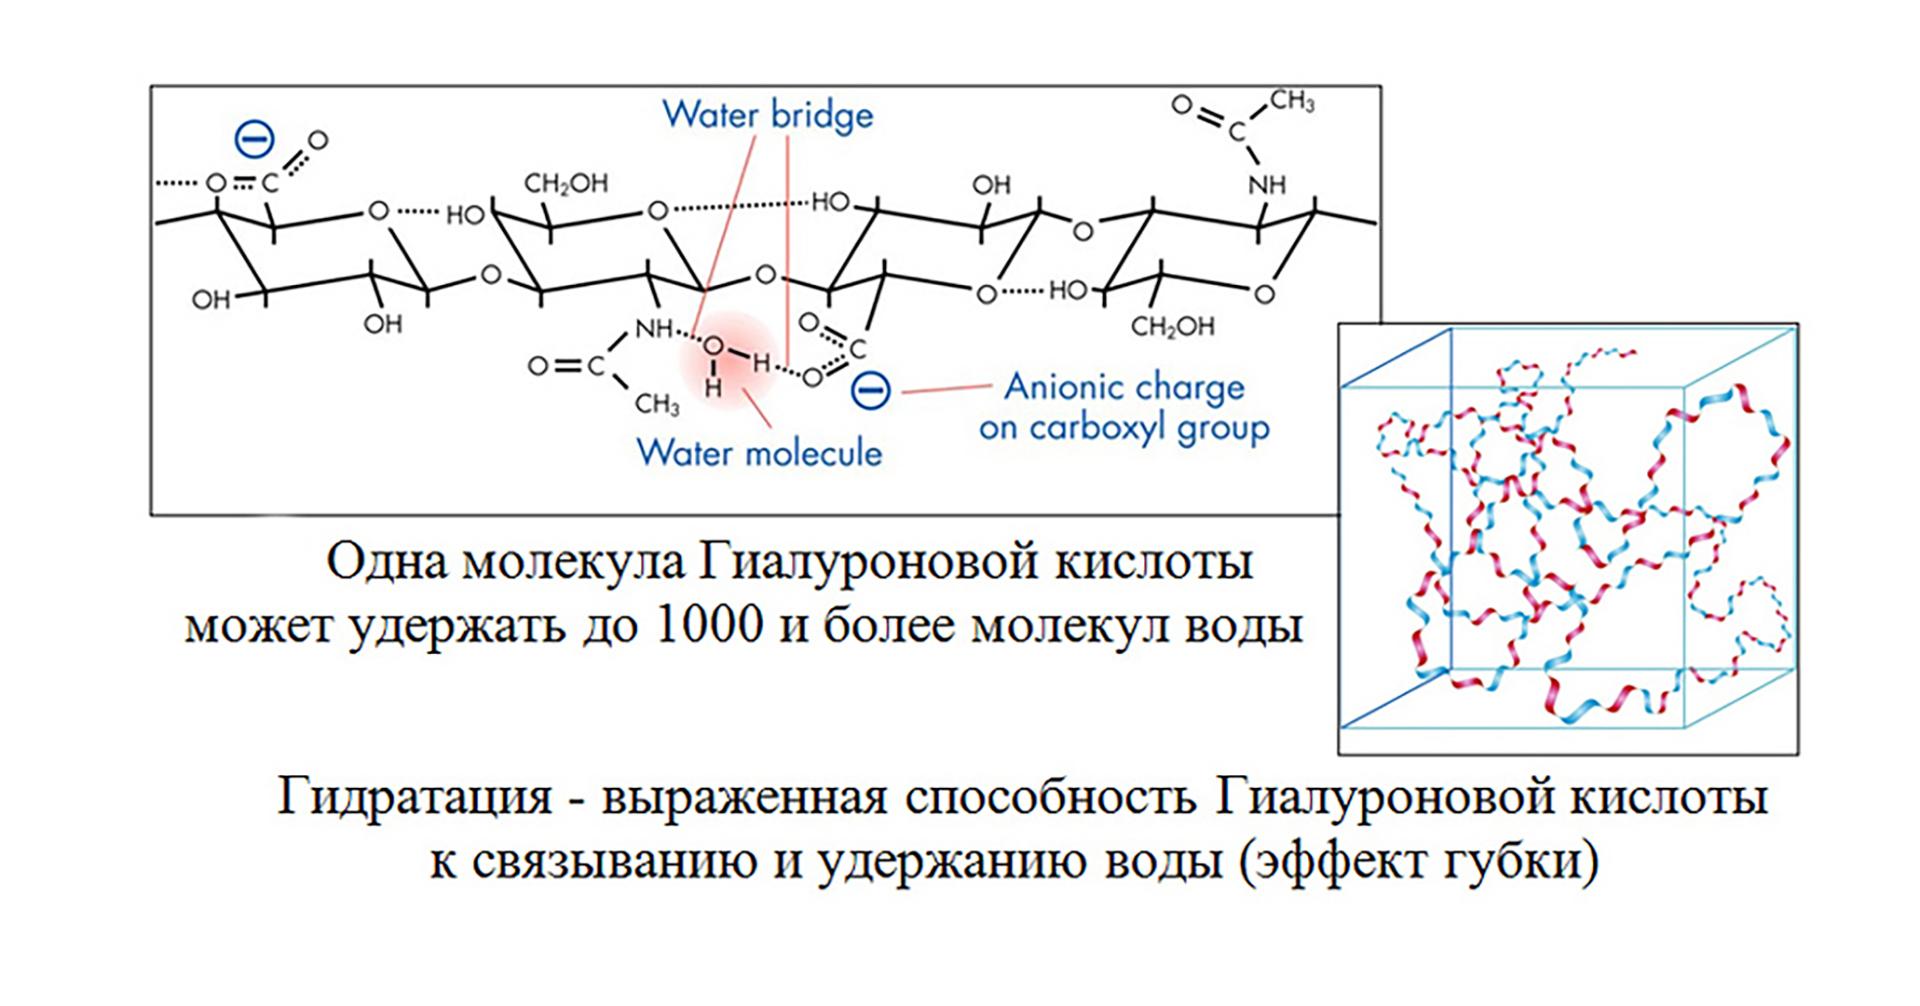 Как работает молекула гиалуроновой кислоты